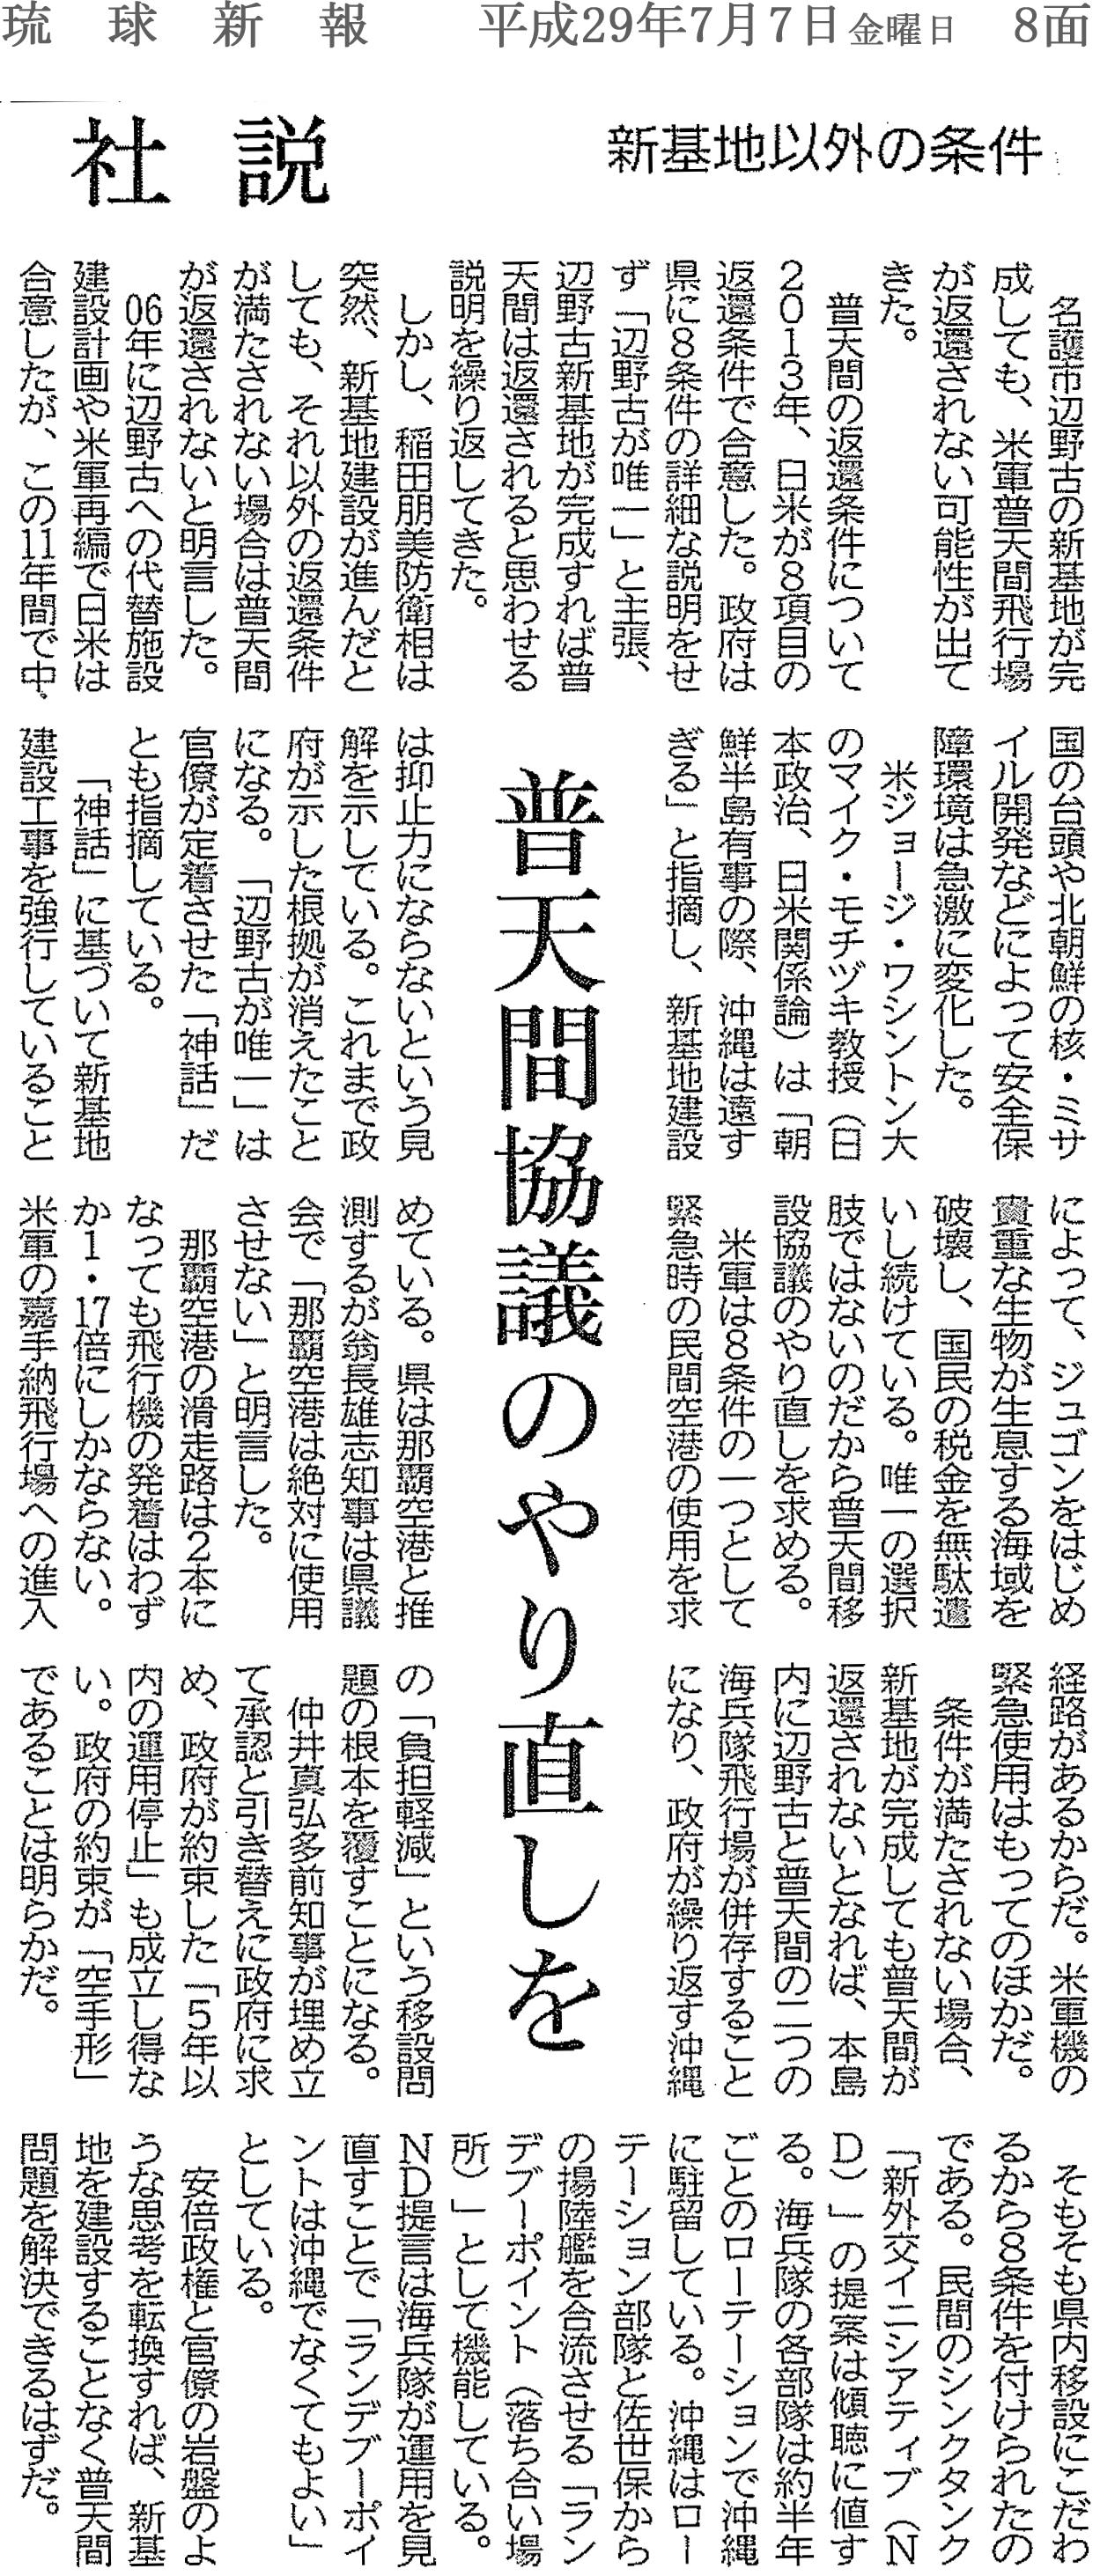 【琉球新報】社説 新基地以外の条件 普天間協議のやり直しを